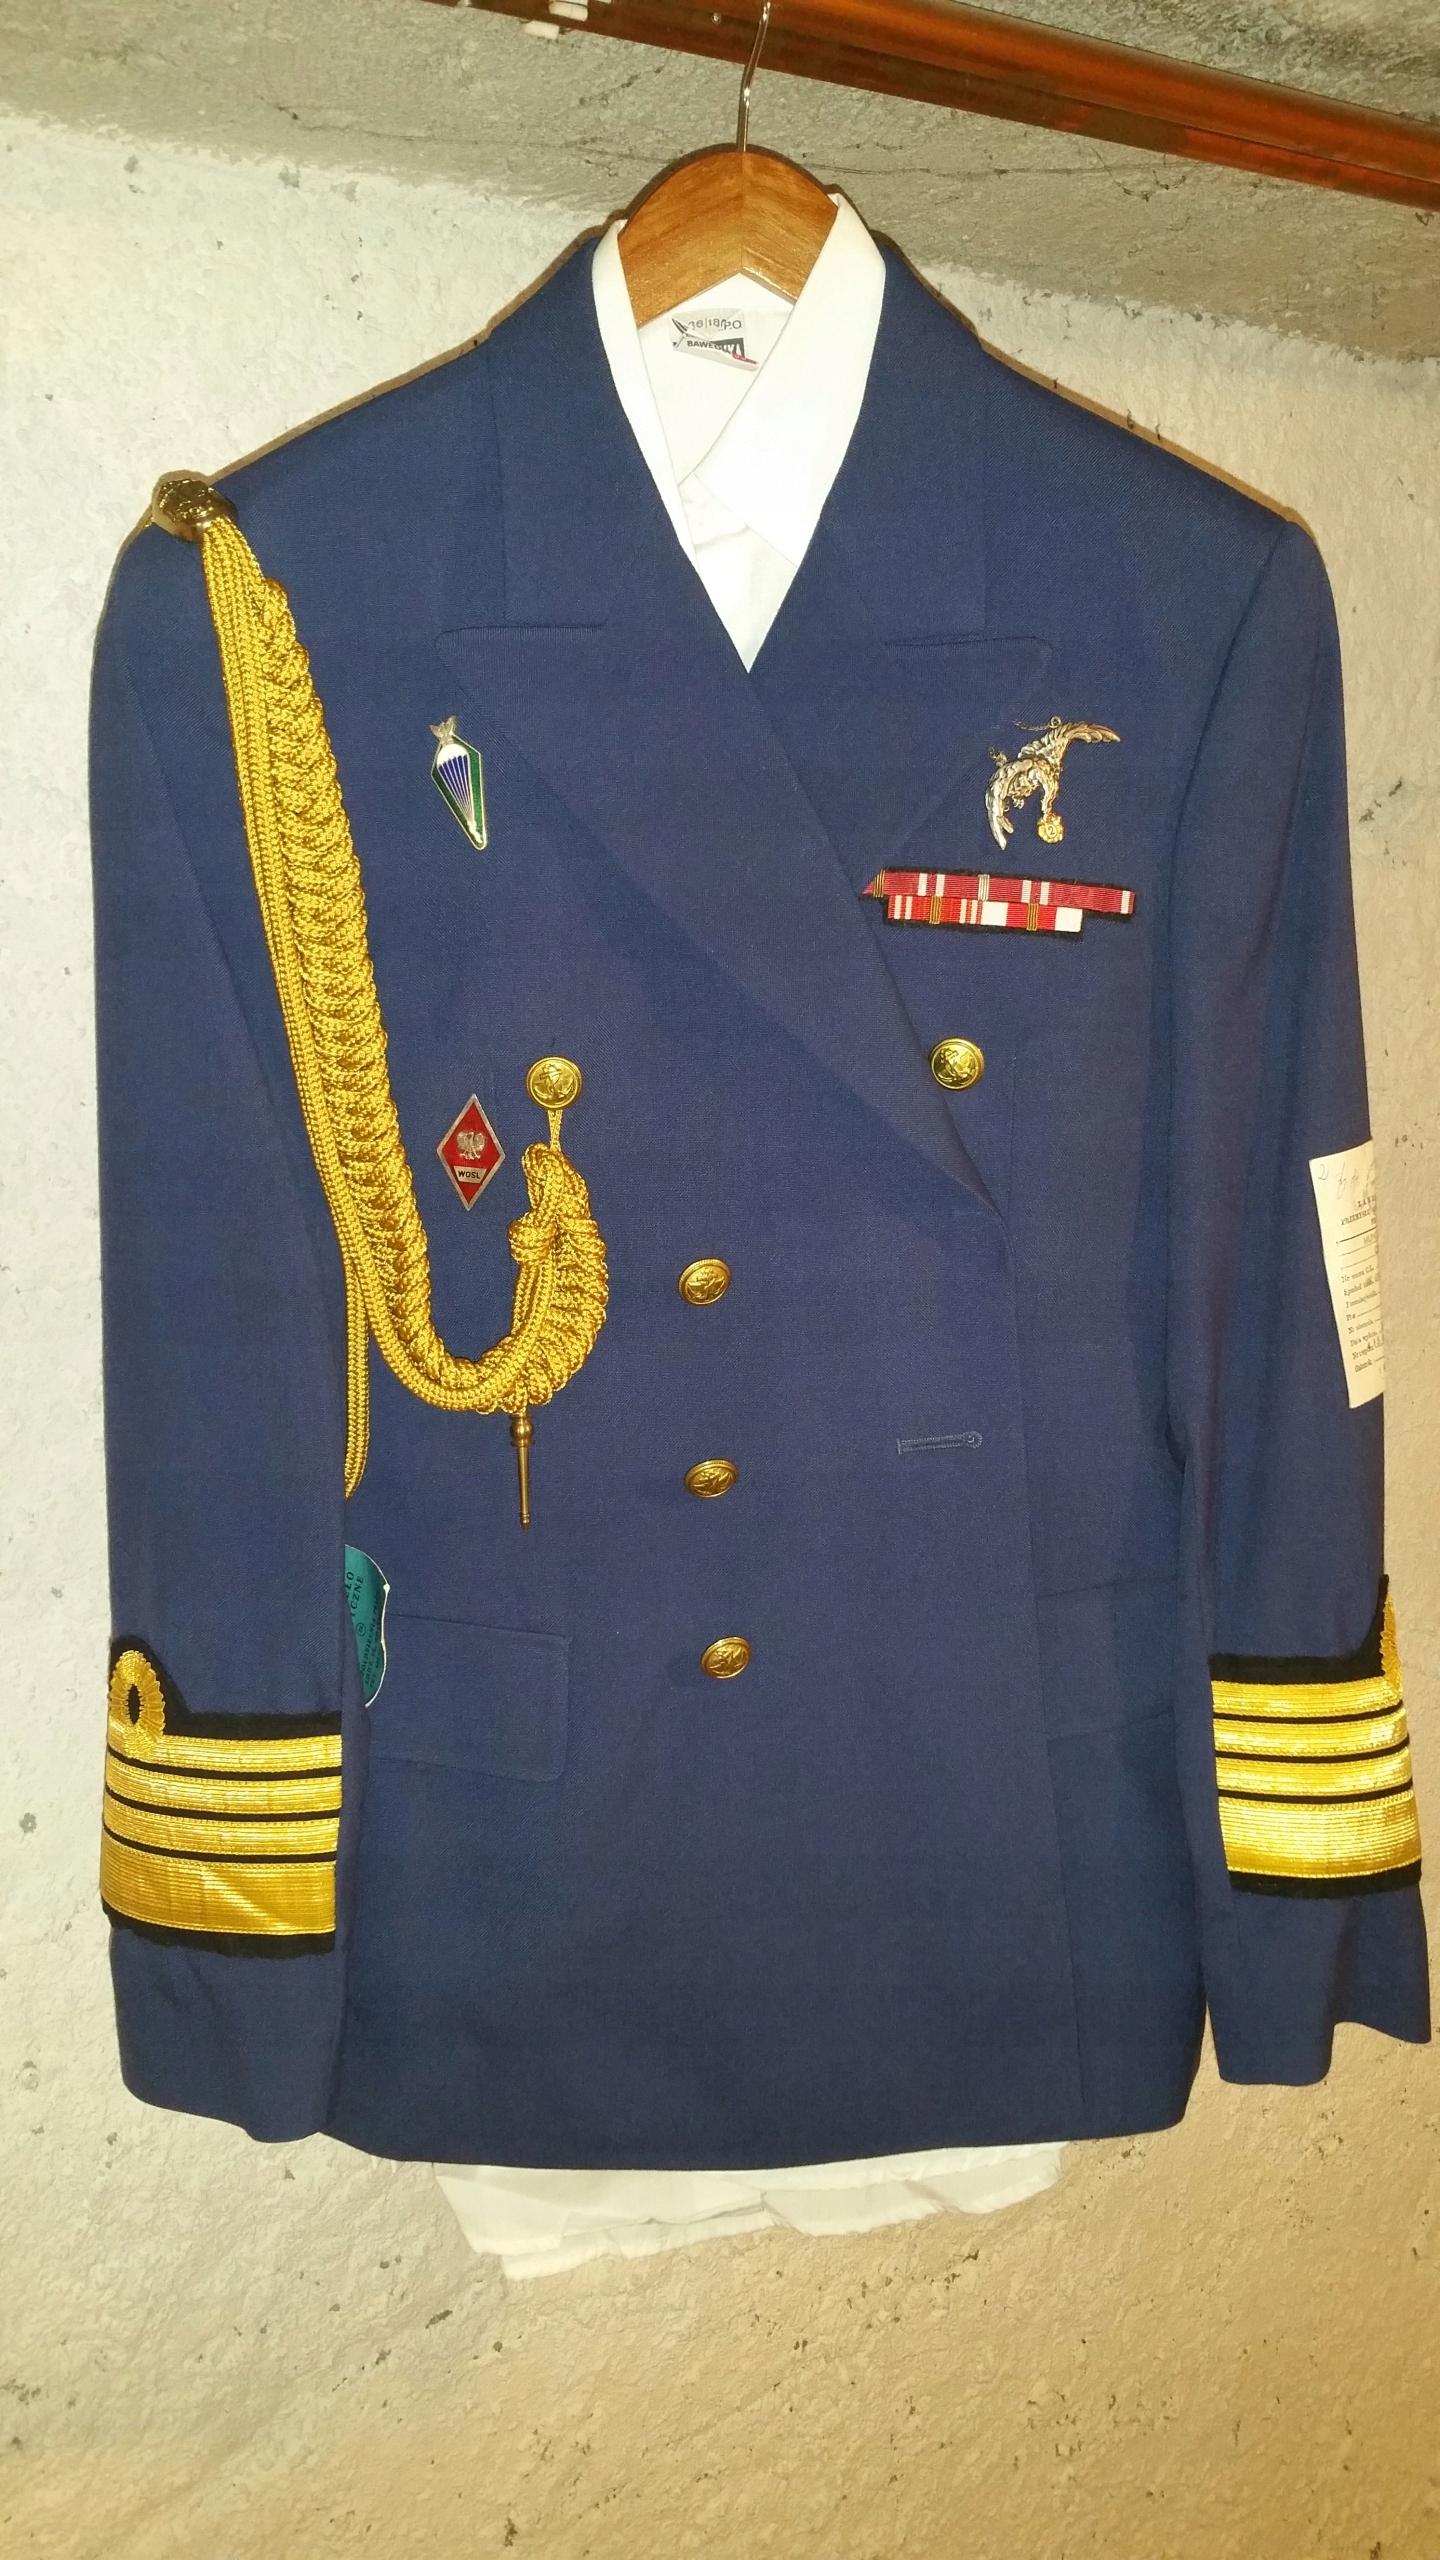 ae979cfcfaaff komandor w kategorii Militaria w Oficjalnym Archiwum Allegro - archiwum  ofert